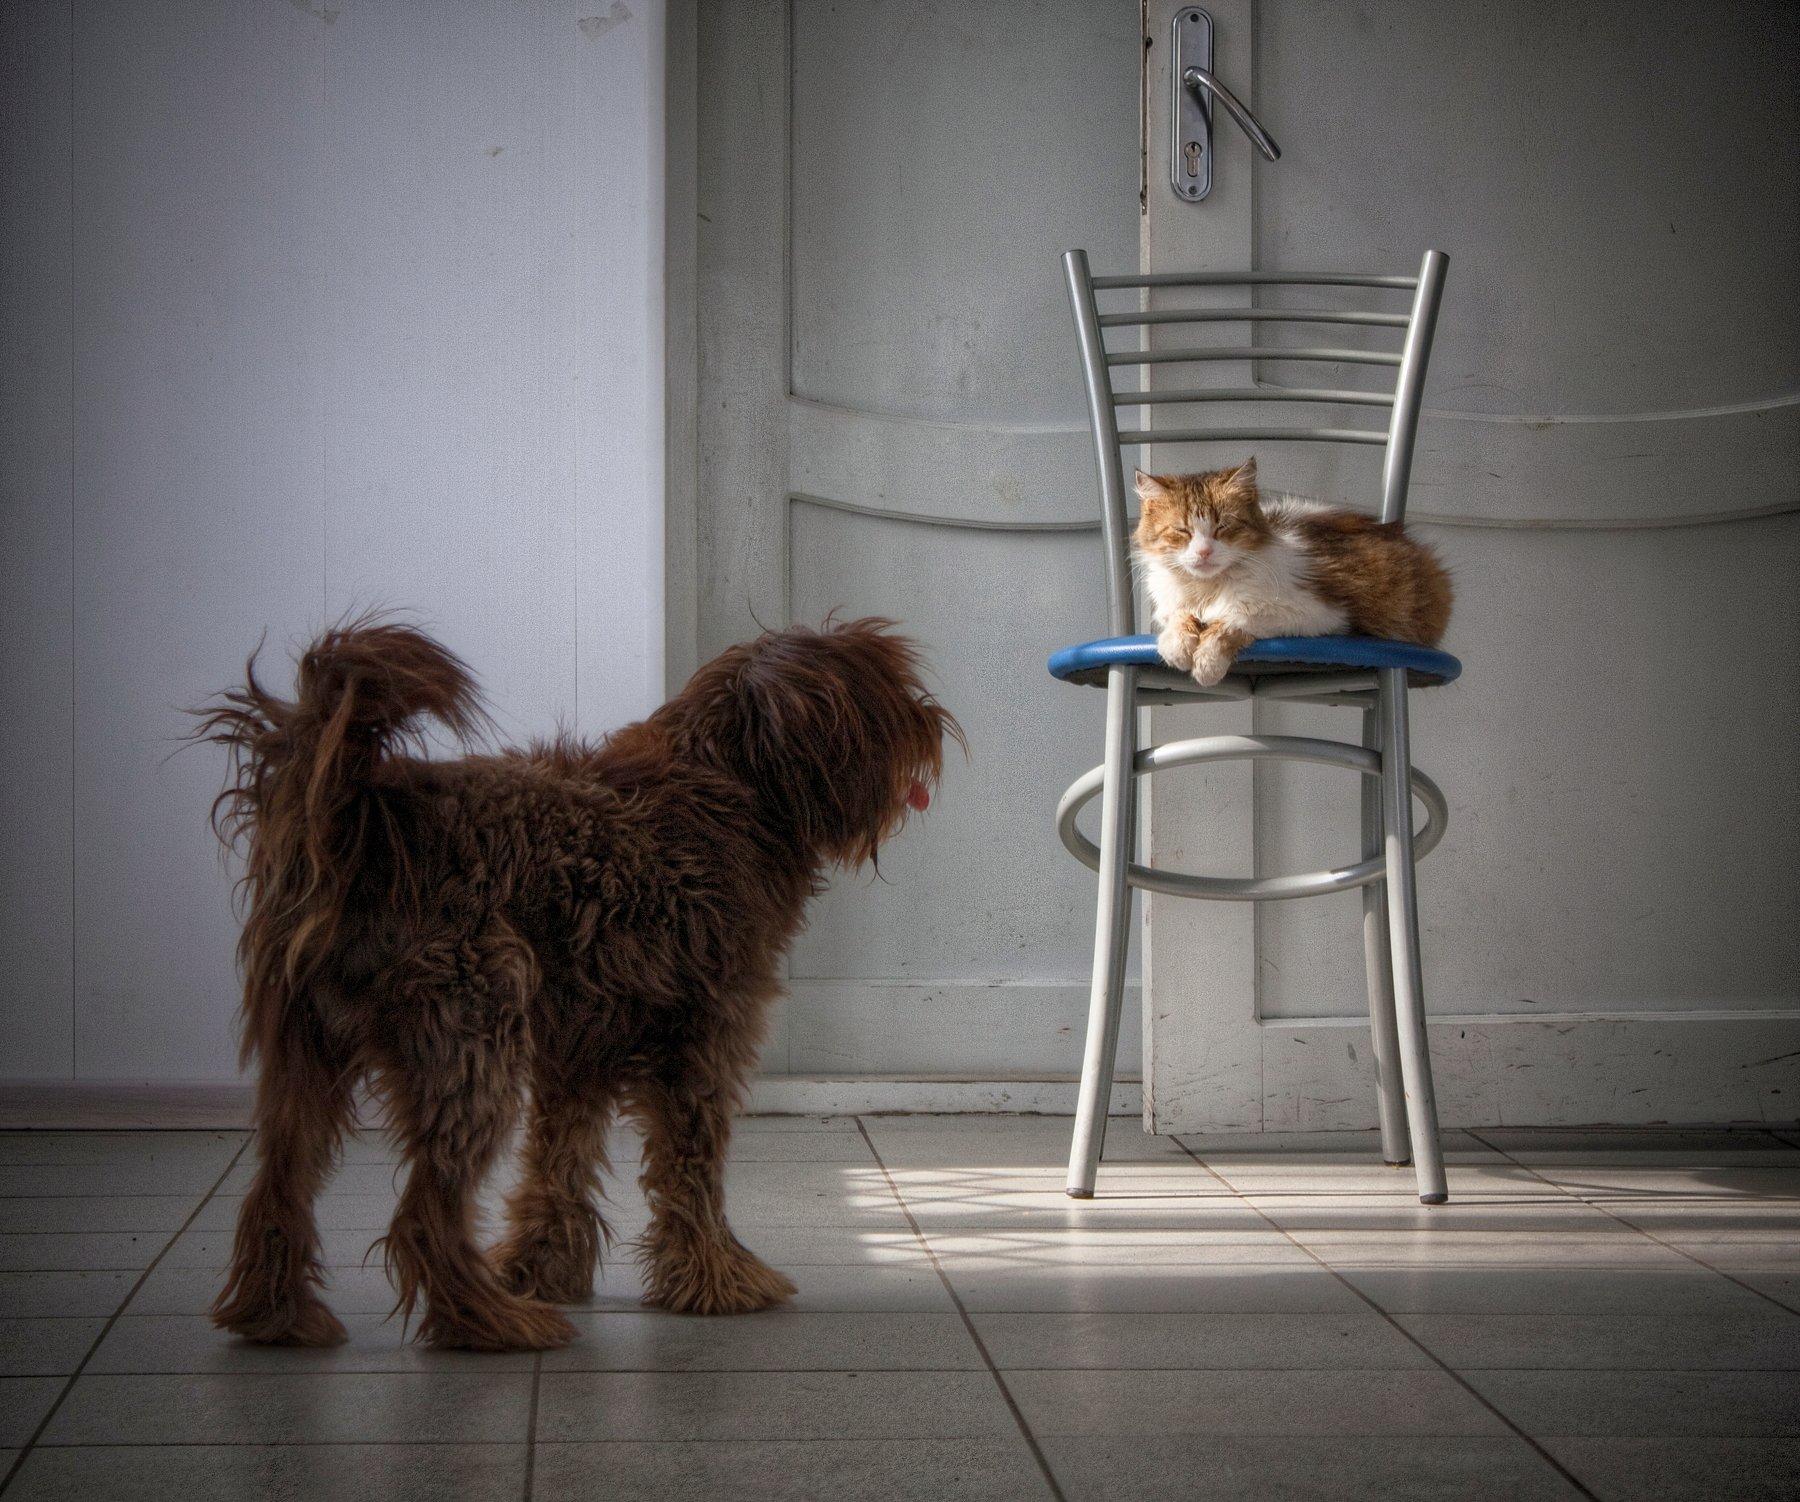 кот, собака, кошка, стул, сон, коты, Vladimir Kedrov